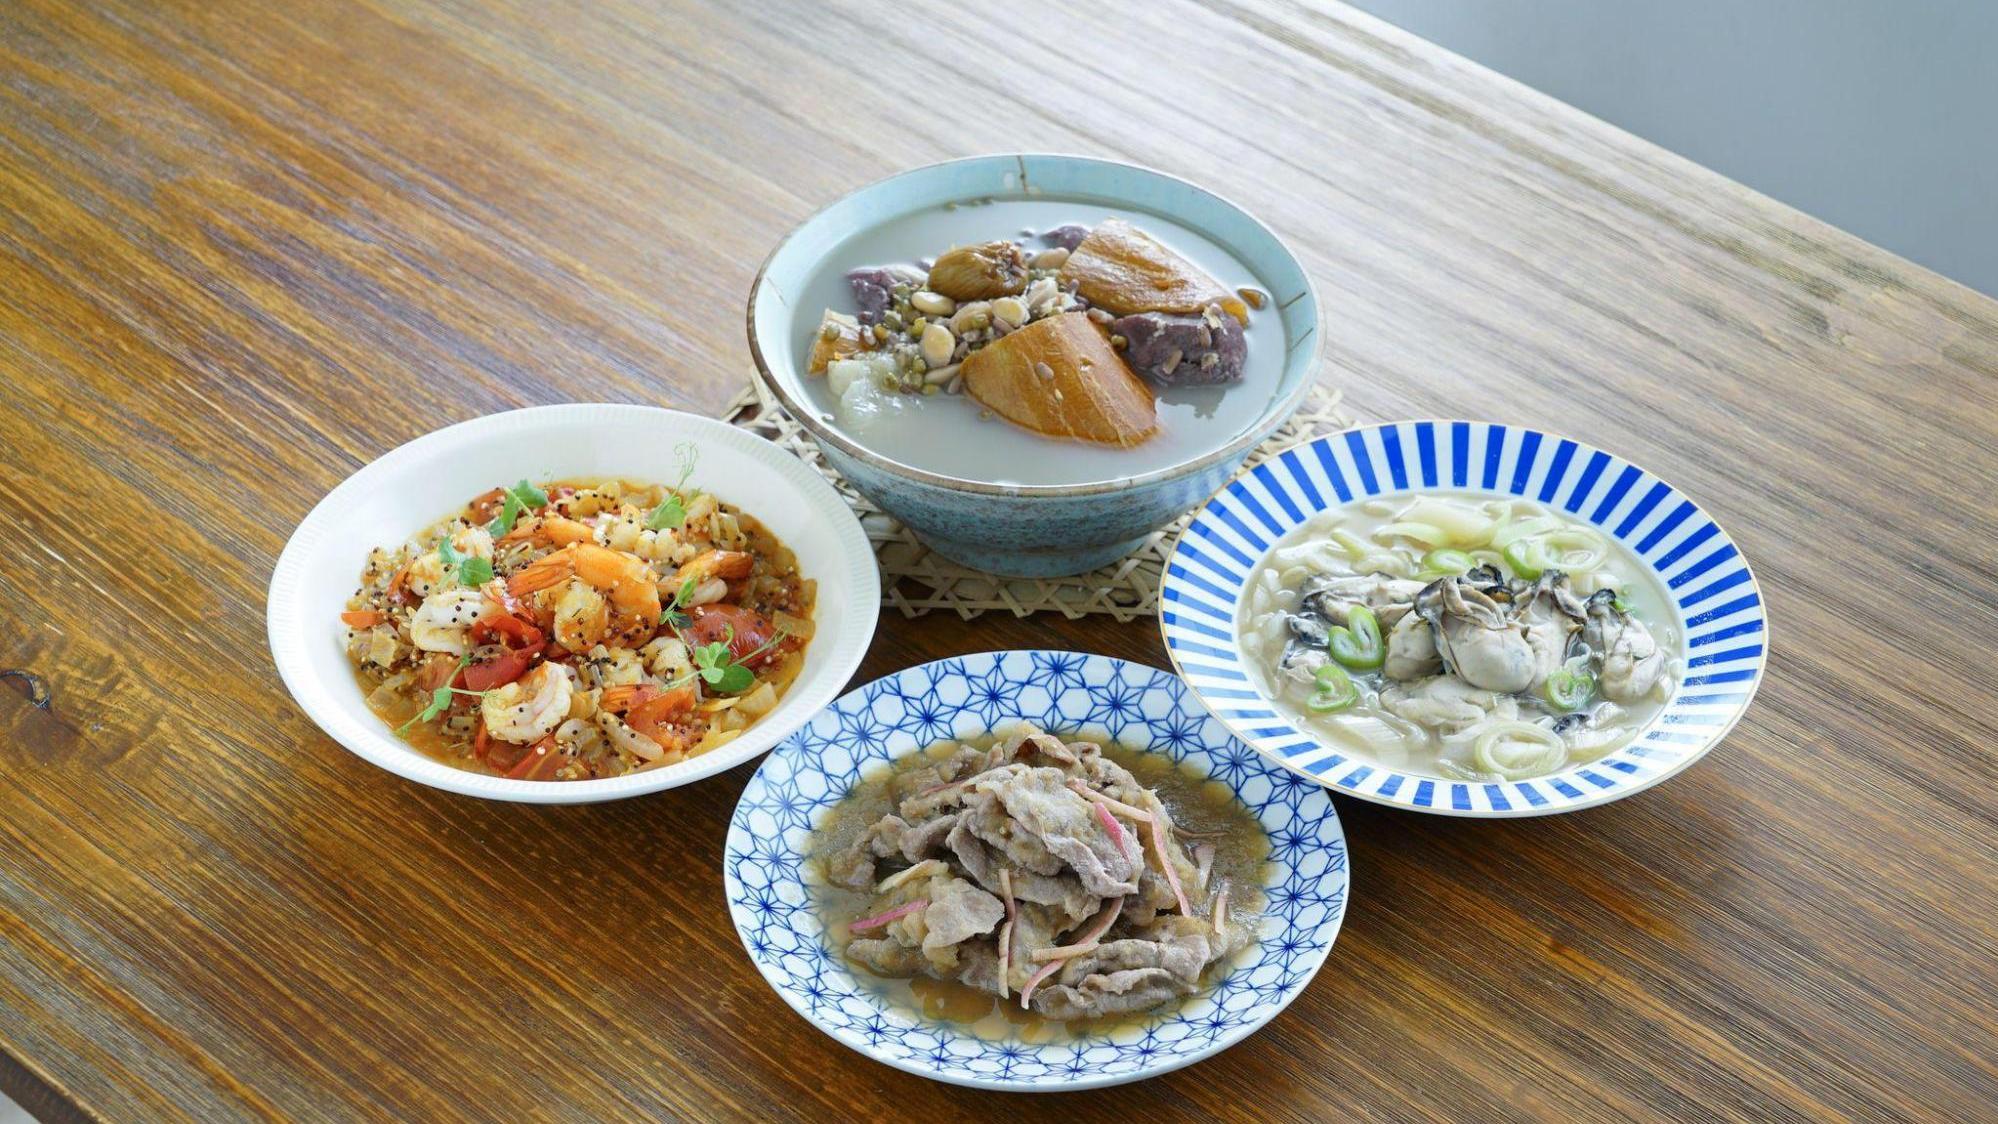 晒晒我家的深秋晚餐,三菜一汤,下饭又营养,家人爱吃身体棒!